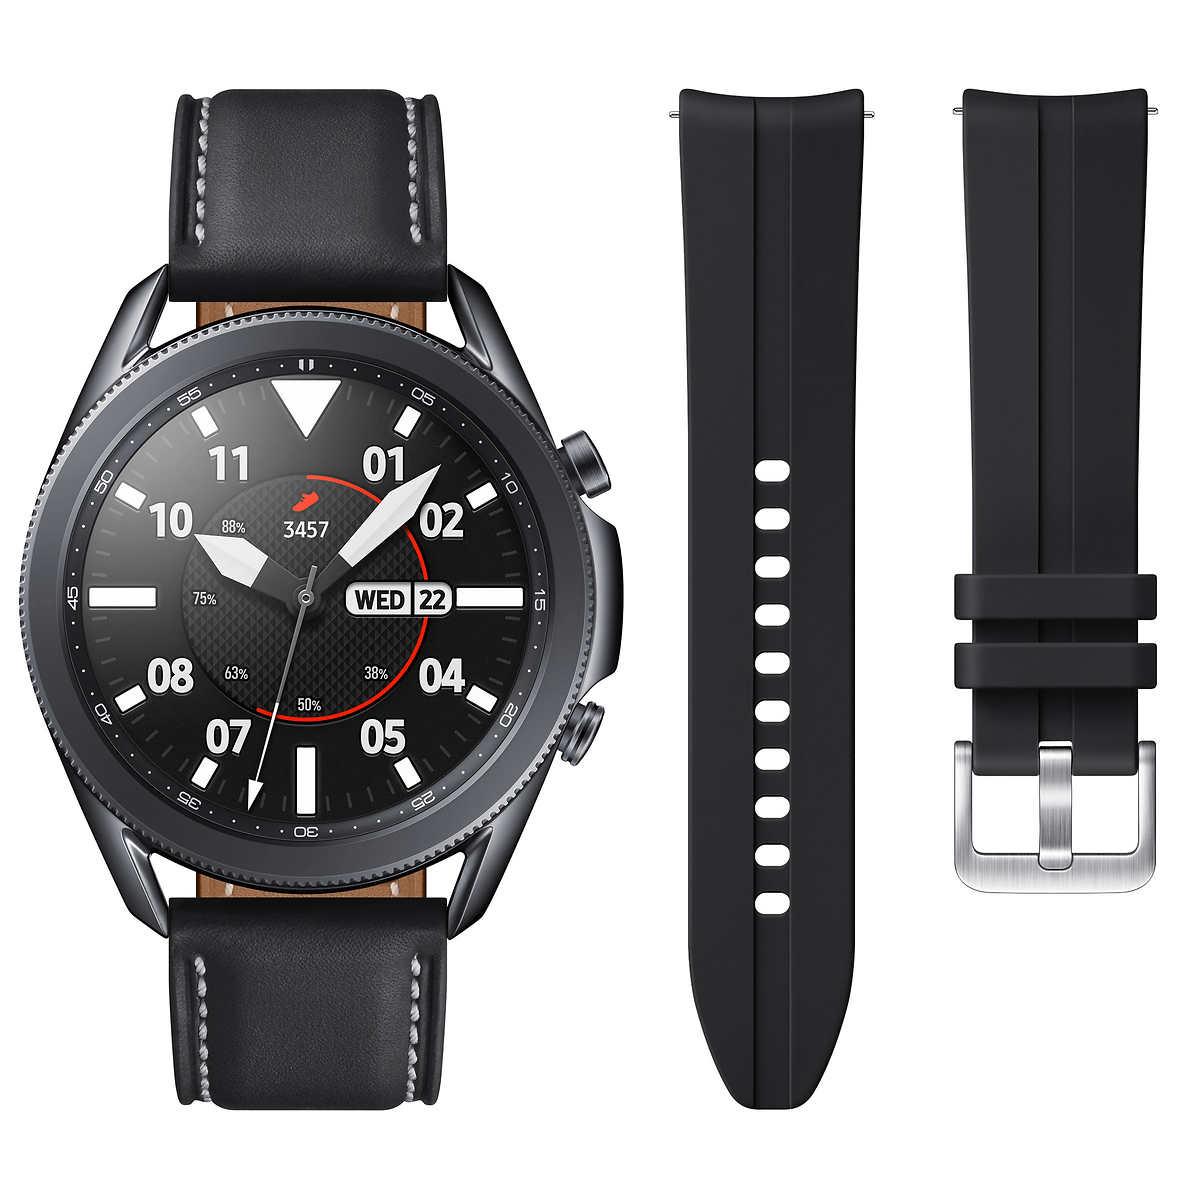 Samsung Galaxy Watch3 45mm Smartwatch - Mystic Black - Bonus Band Included $389.98